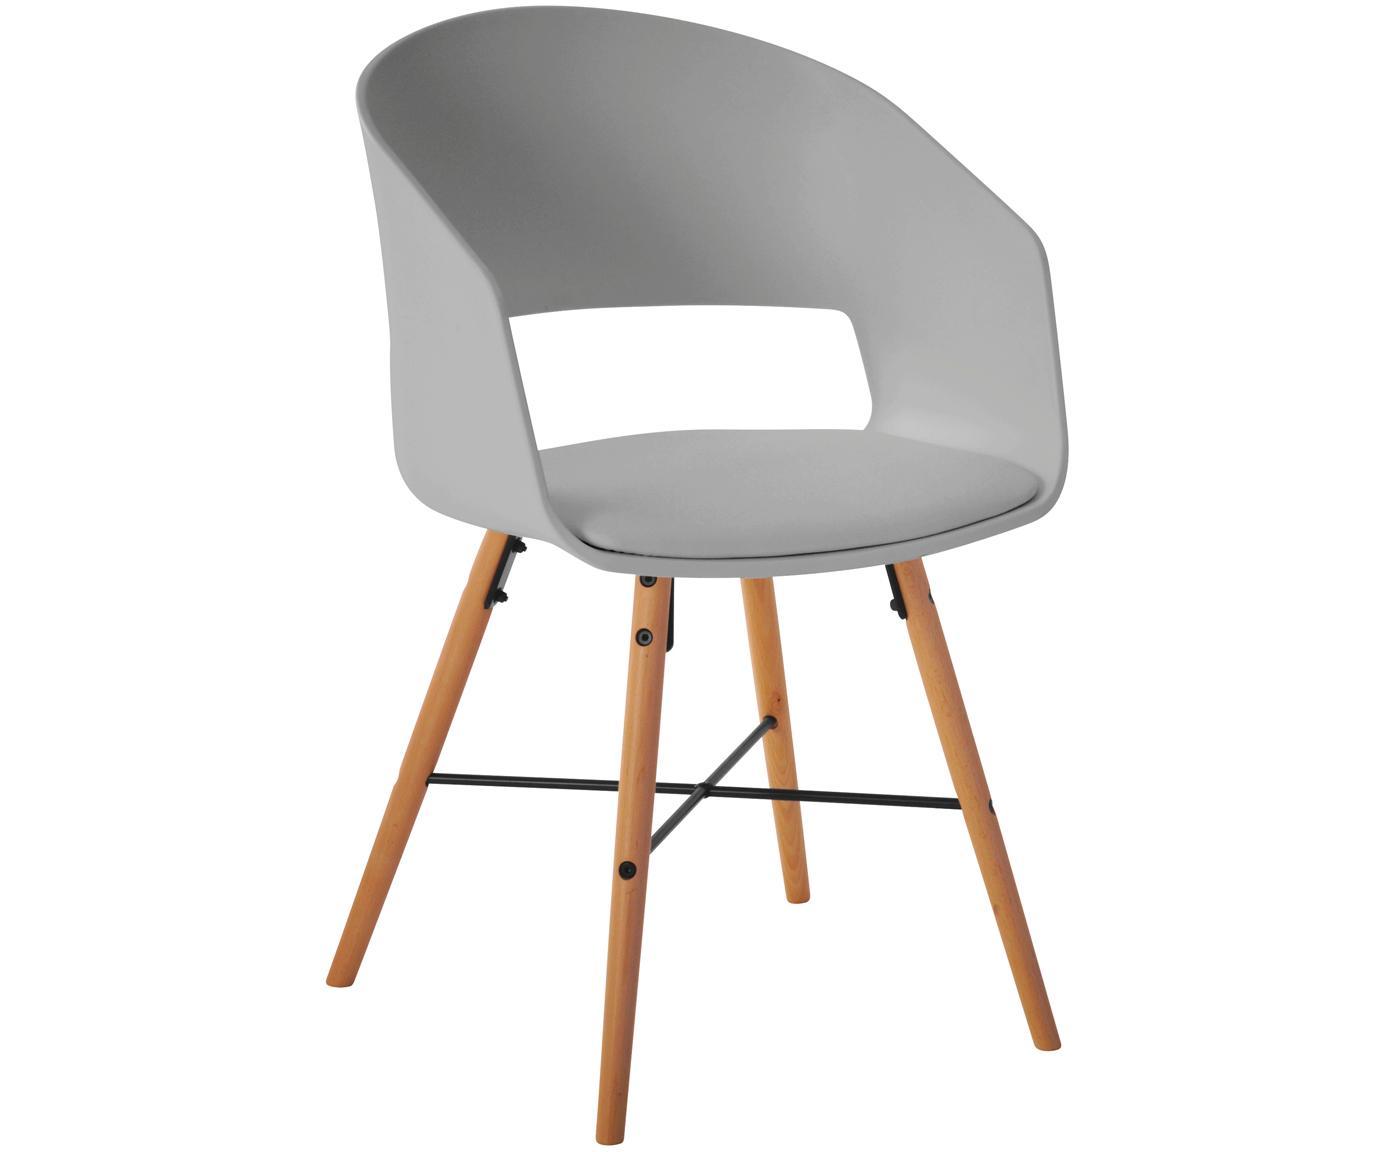 Krzesło z podłokietnikami z tapicerowanym siedziskiem Luna, 2 szt., Nogi: drewno bukowe, lakierowan, Szary, S 52 x W 81 cm